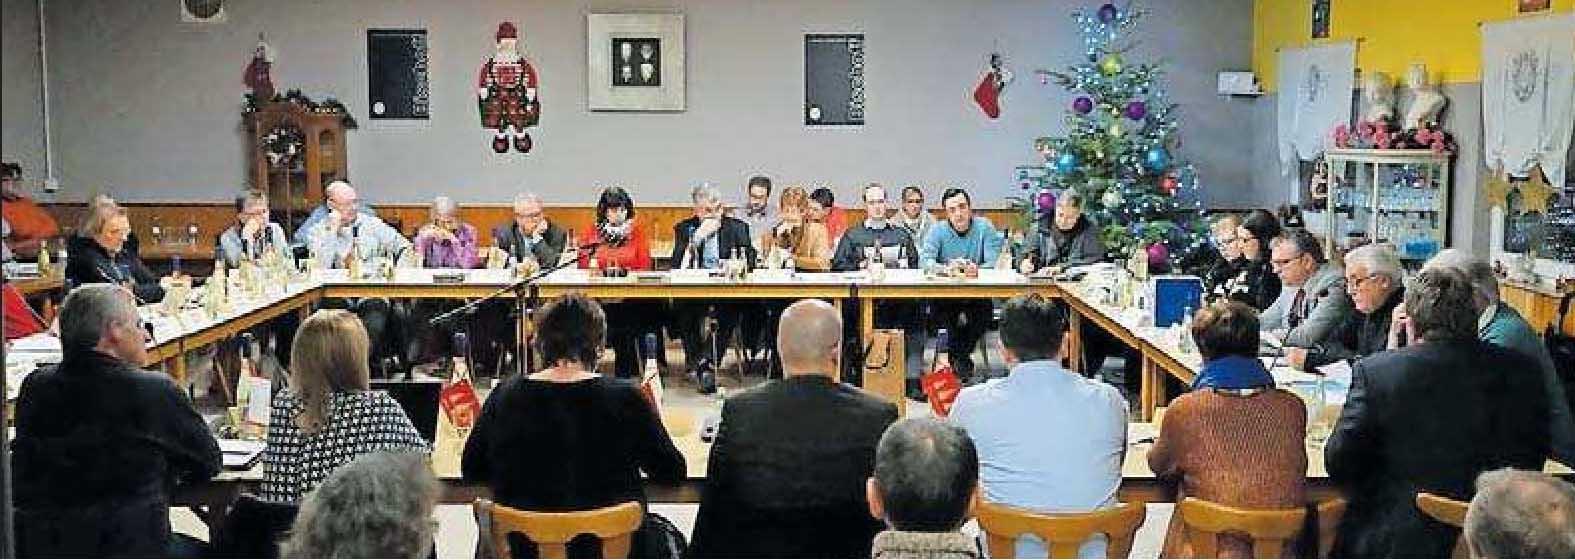 """Historischer Moment: Am 19. Dezember hat sich der Verbandsgemeinderat Rockenhausen zur letzten Sitzung vor der Auflösung der VG getroffen. Tagungsort war die Gaststätte """"Zum Häcksler"""" in Seelen. Auch die steht nun leer – wassich, wie der Bürgermeister hofft, bald ändern wird. FOTO: HAMM"""